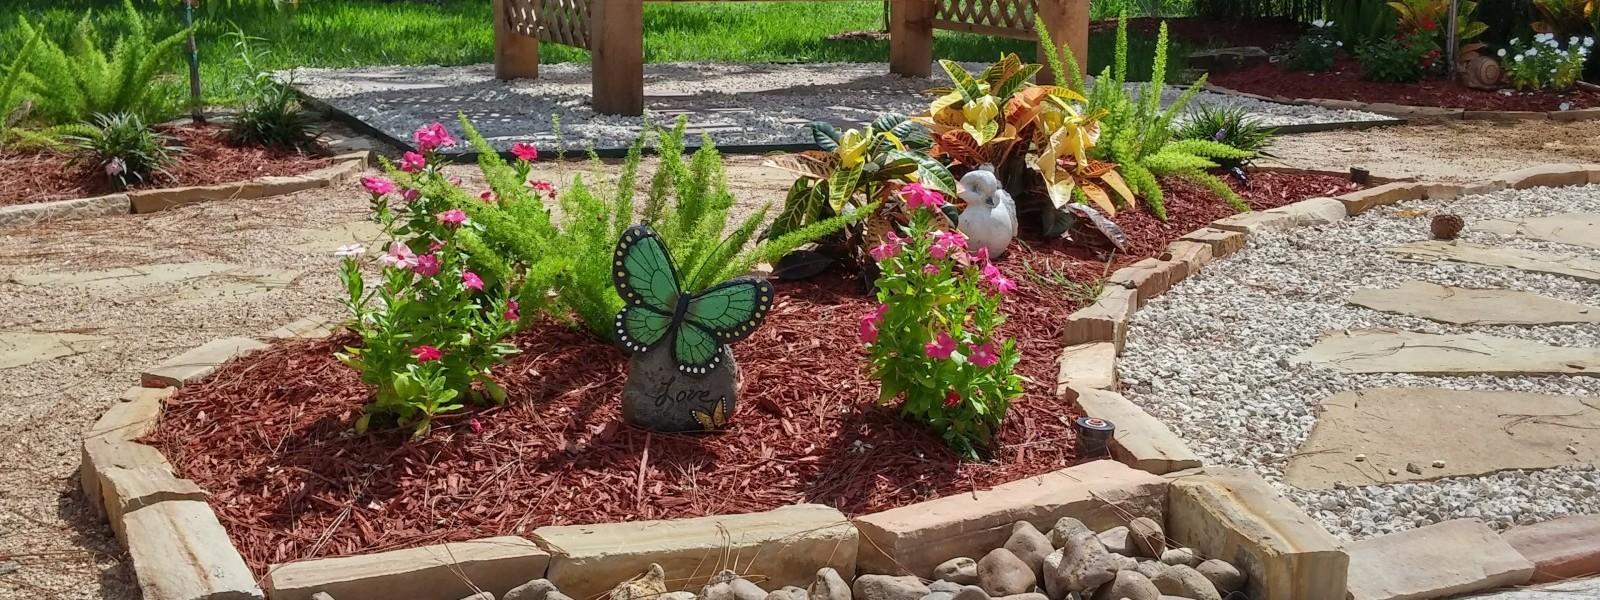 Drought Tolerant Plants Landscape